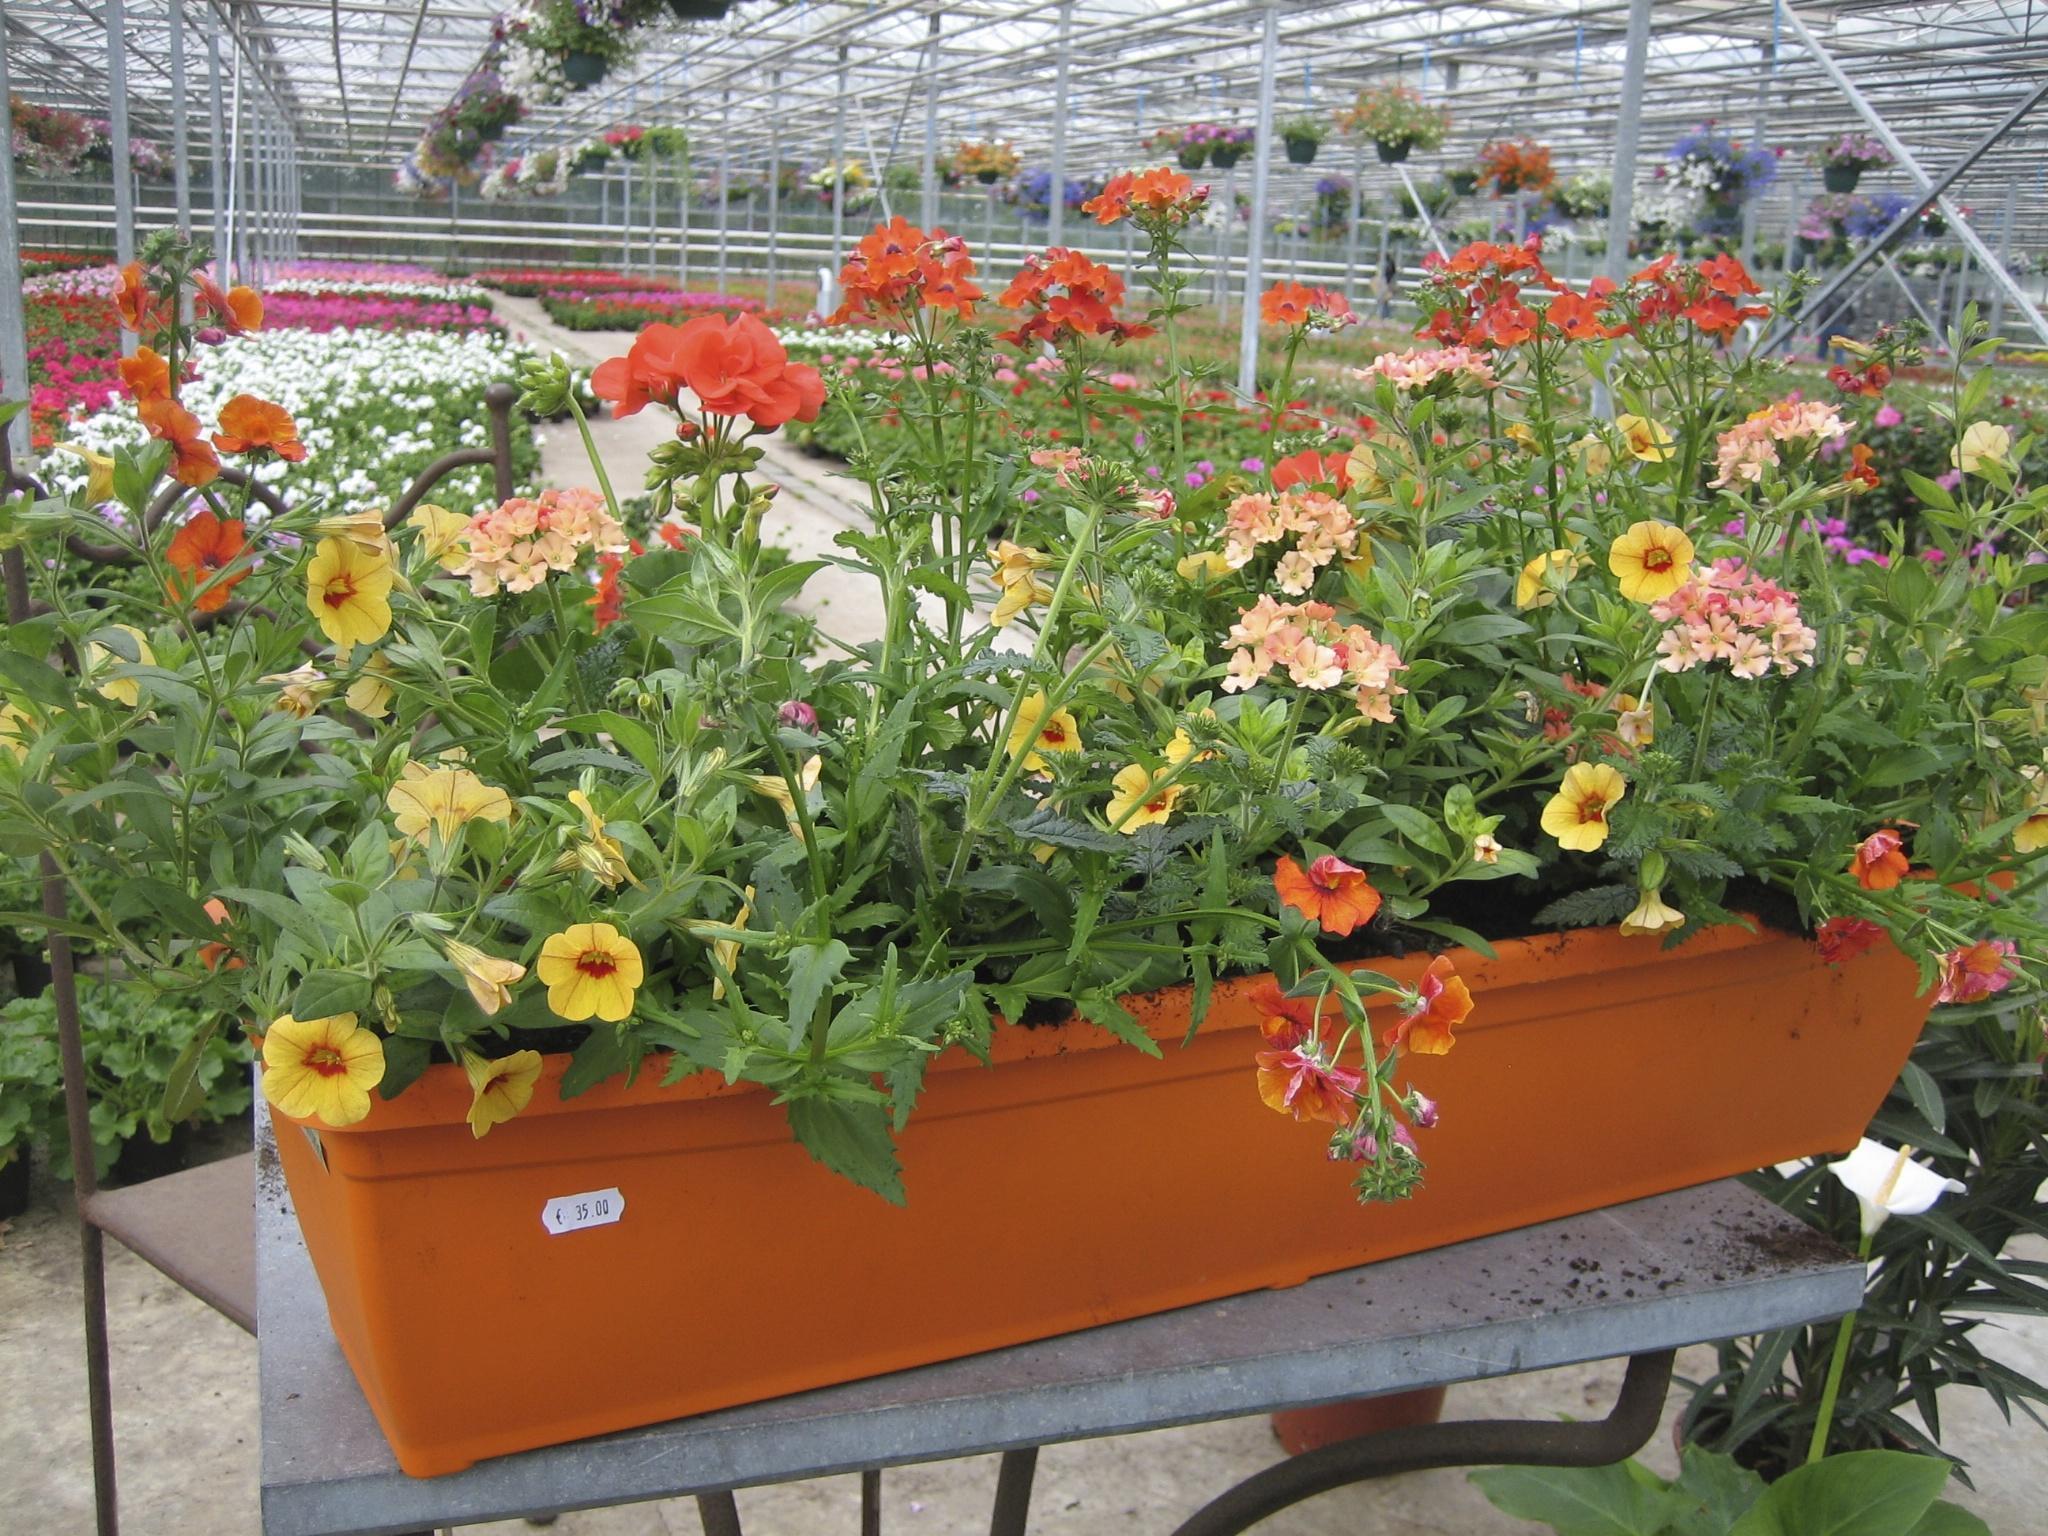 Comment Arroser Jardin Pendant Vacances trucs pour que vos jardinières restent belles pendant vos